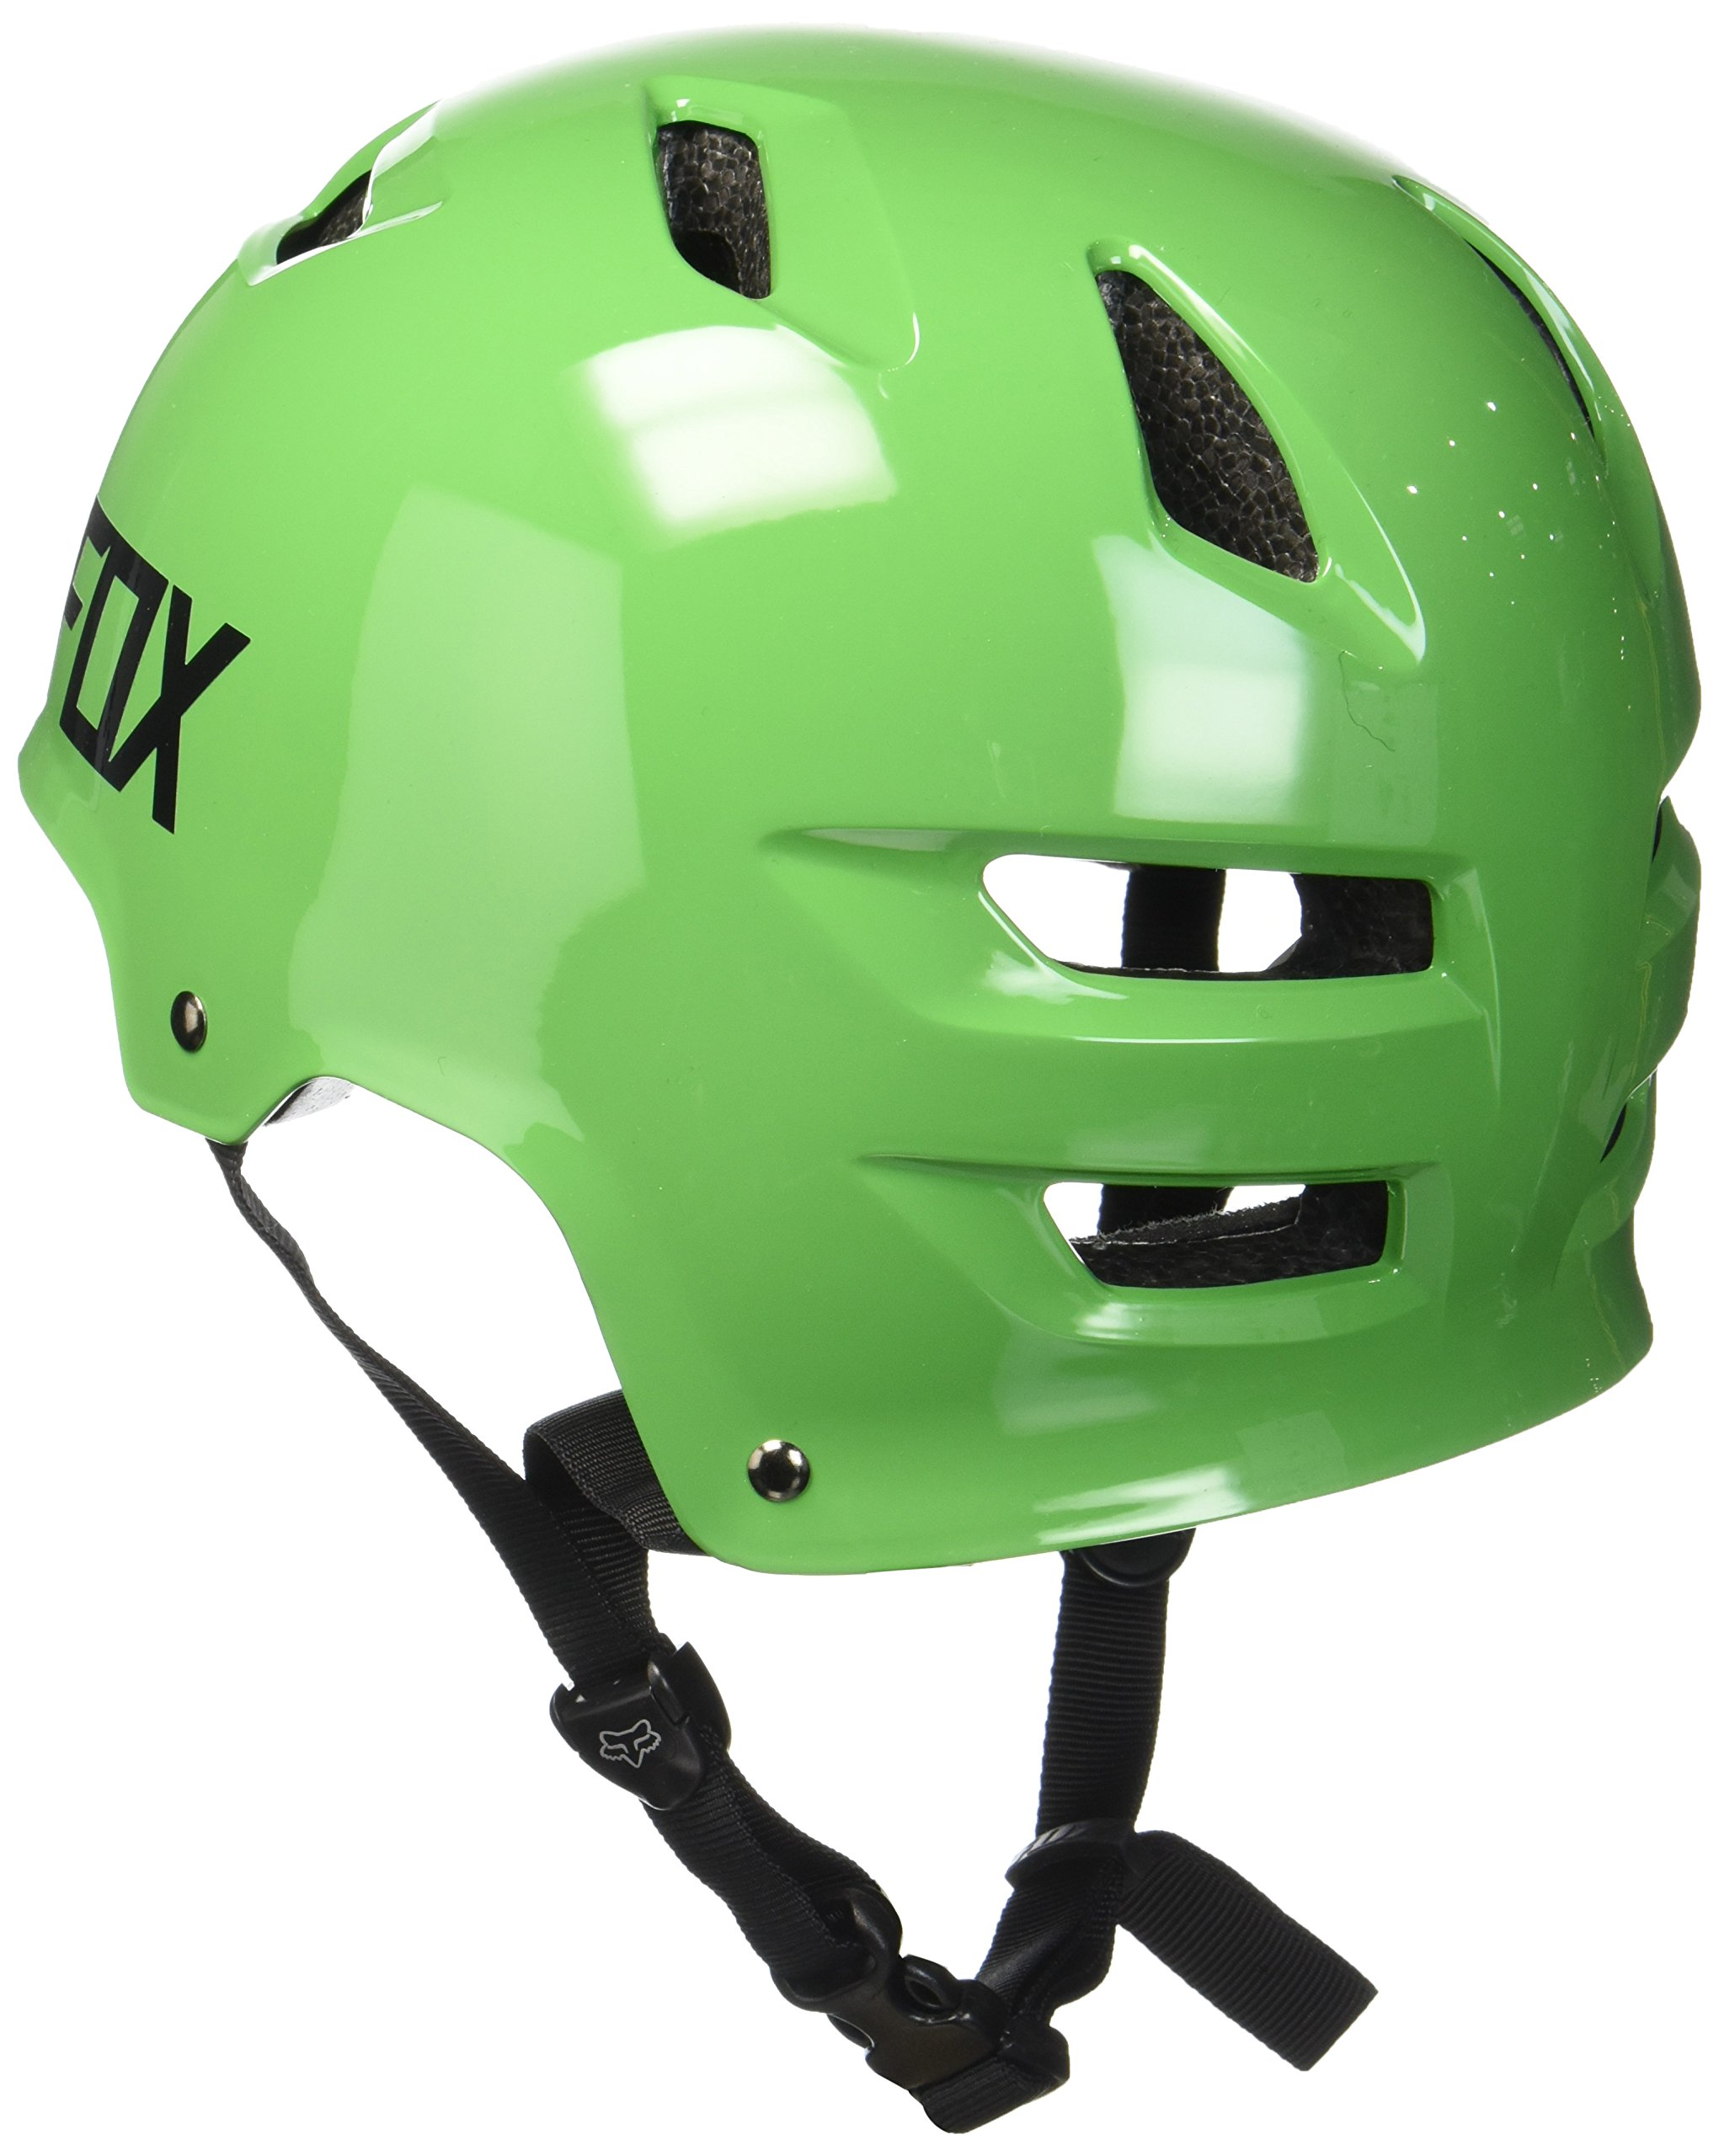 Fox Head Transition Hardshell Helmet, Green, Medium